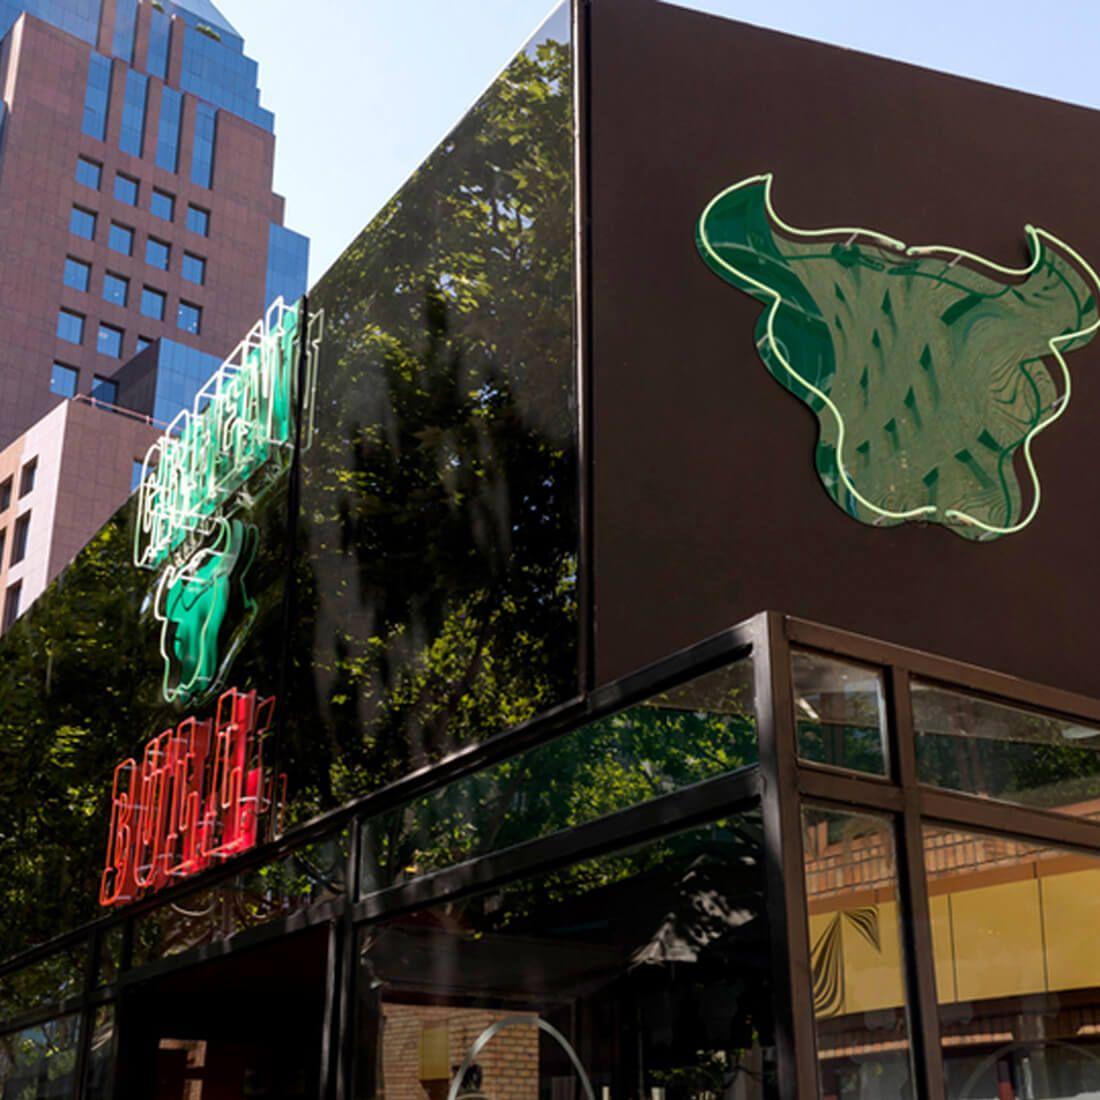 GREEN BULL Restaurante - Reserva en restaurantes de Comida RESTOBAR - LAS CONDES - MESA 24/7 | SANTIAGO - Perú